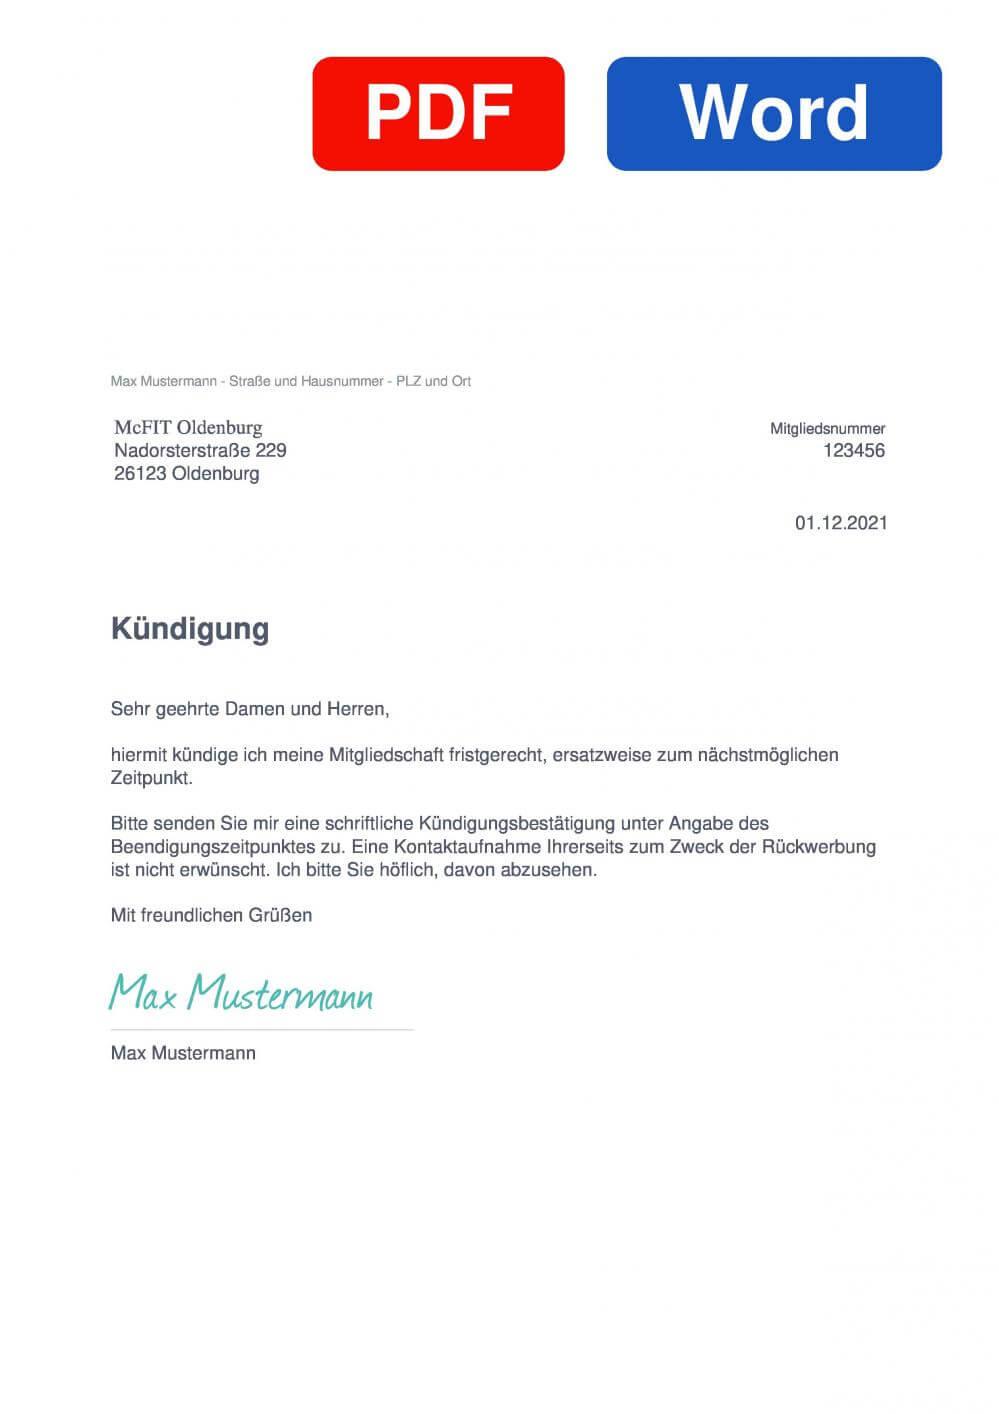 McFIT Oldenburg Muster Vorlage für Kündigungsschreiben